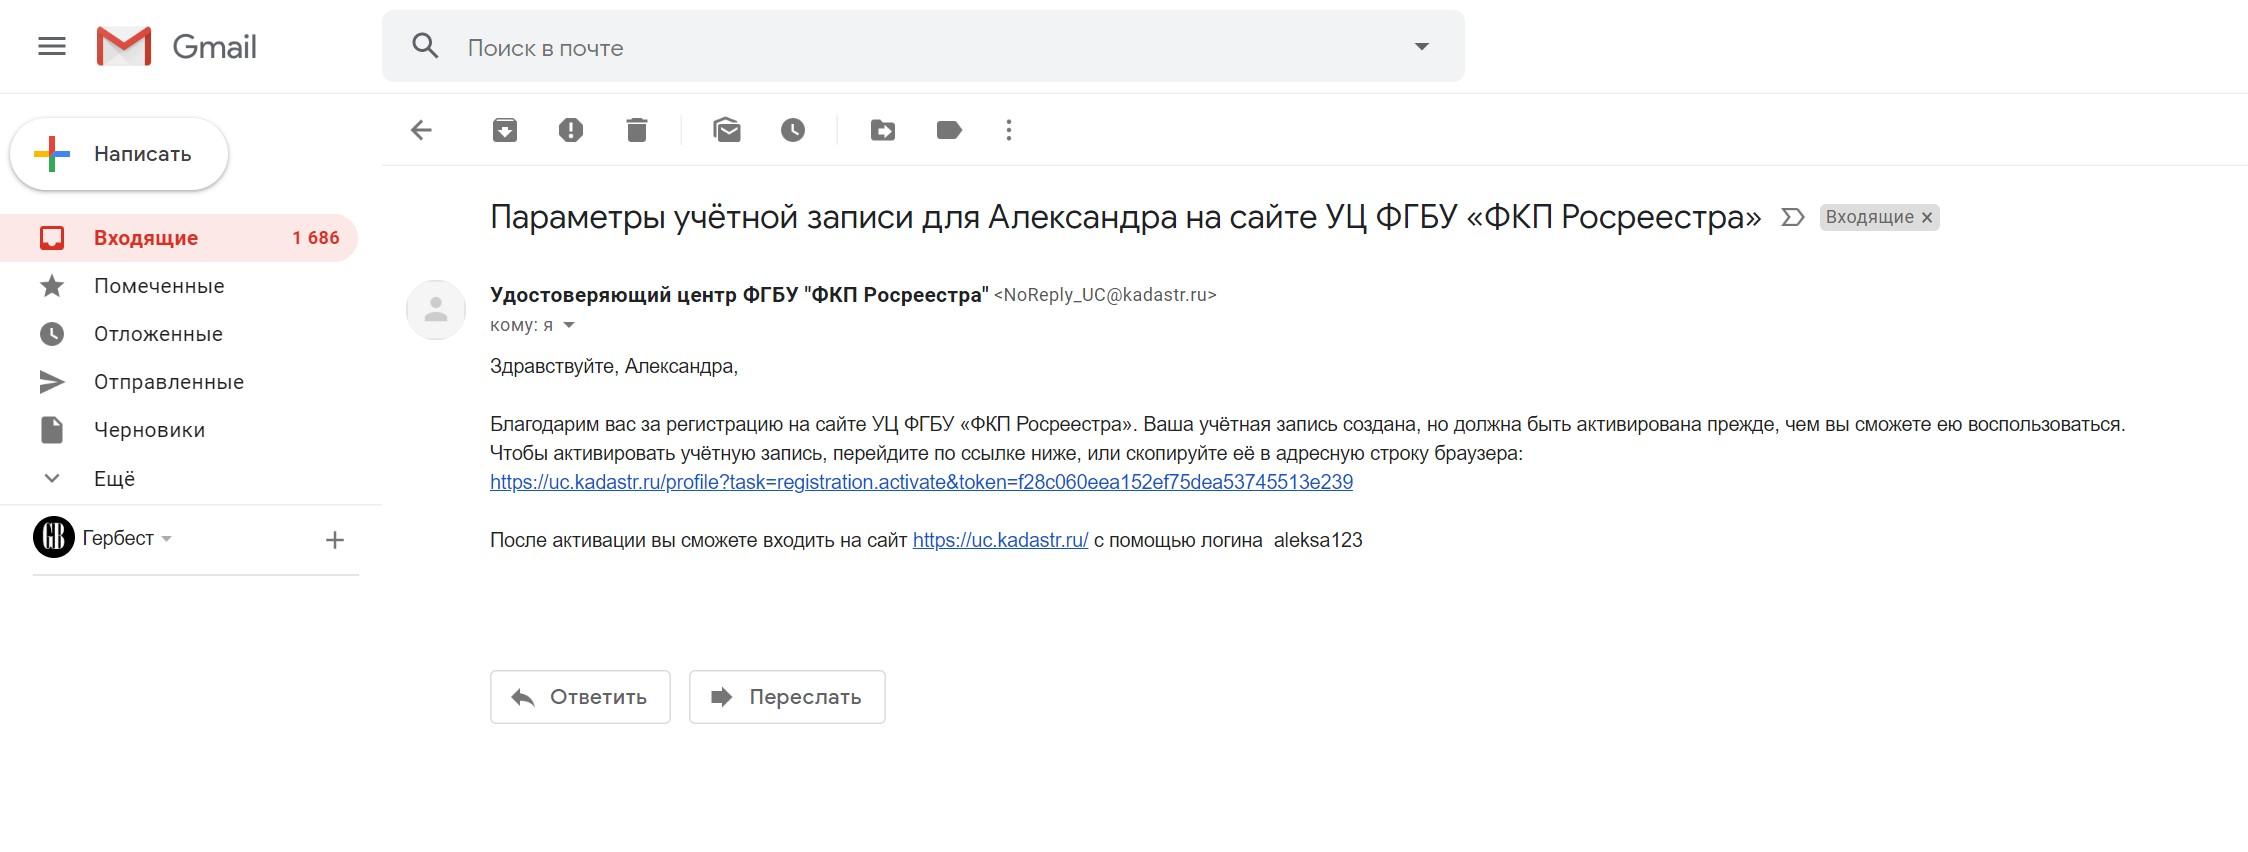 Как подтвердить аккаунт в кадастровой палате РФ?